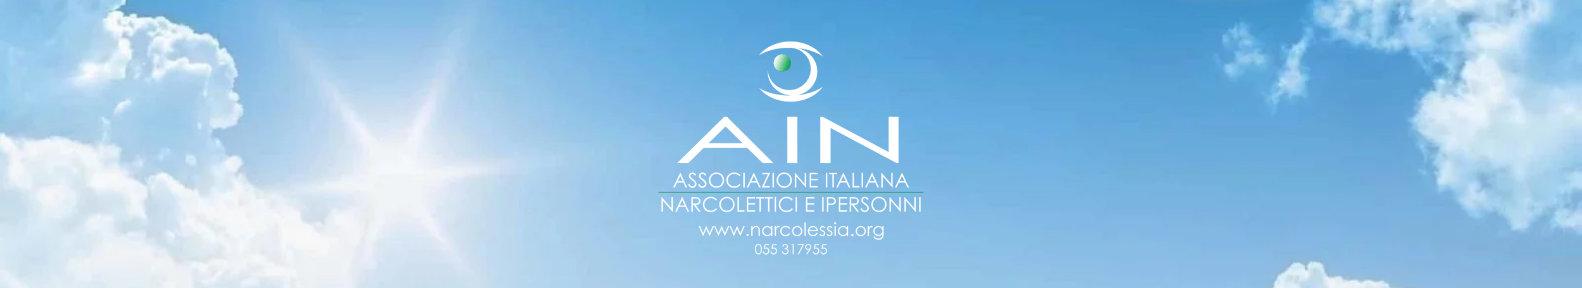 Narcolessia, l'allarme dall'AIN: a rischio il Centro di Medicina del Sonno del Bellaria